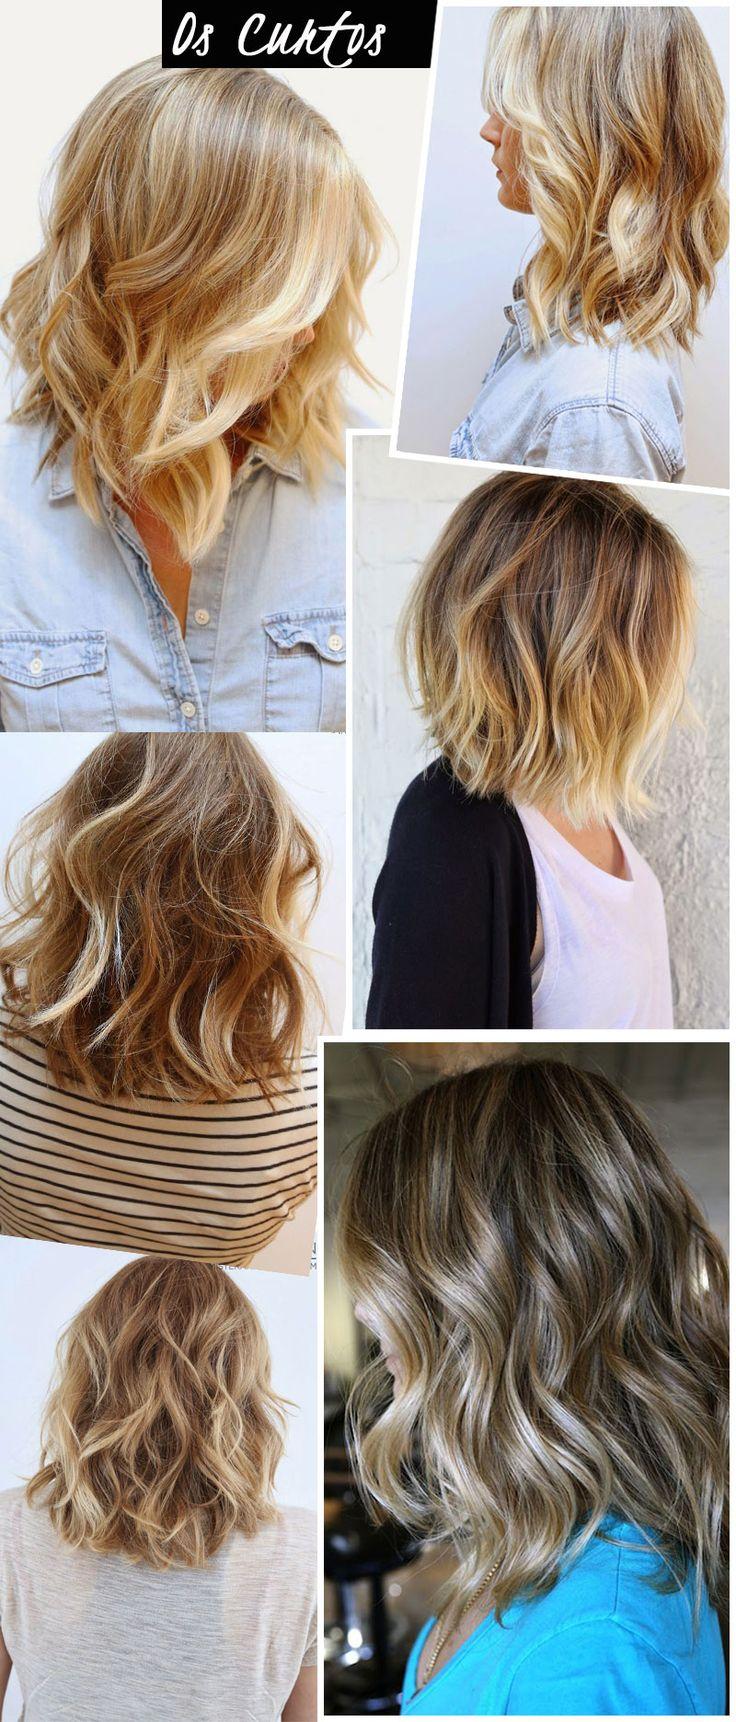 cabelos loiros verão 2015                                                                                                                                                                                 Mais